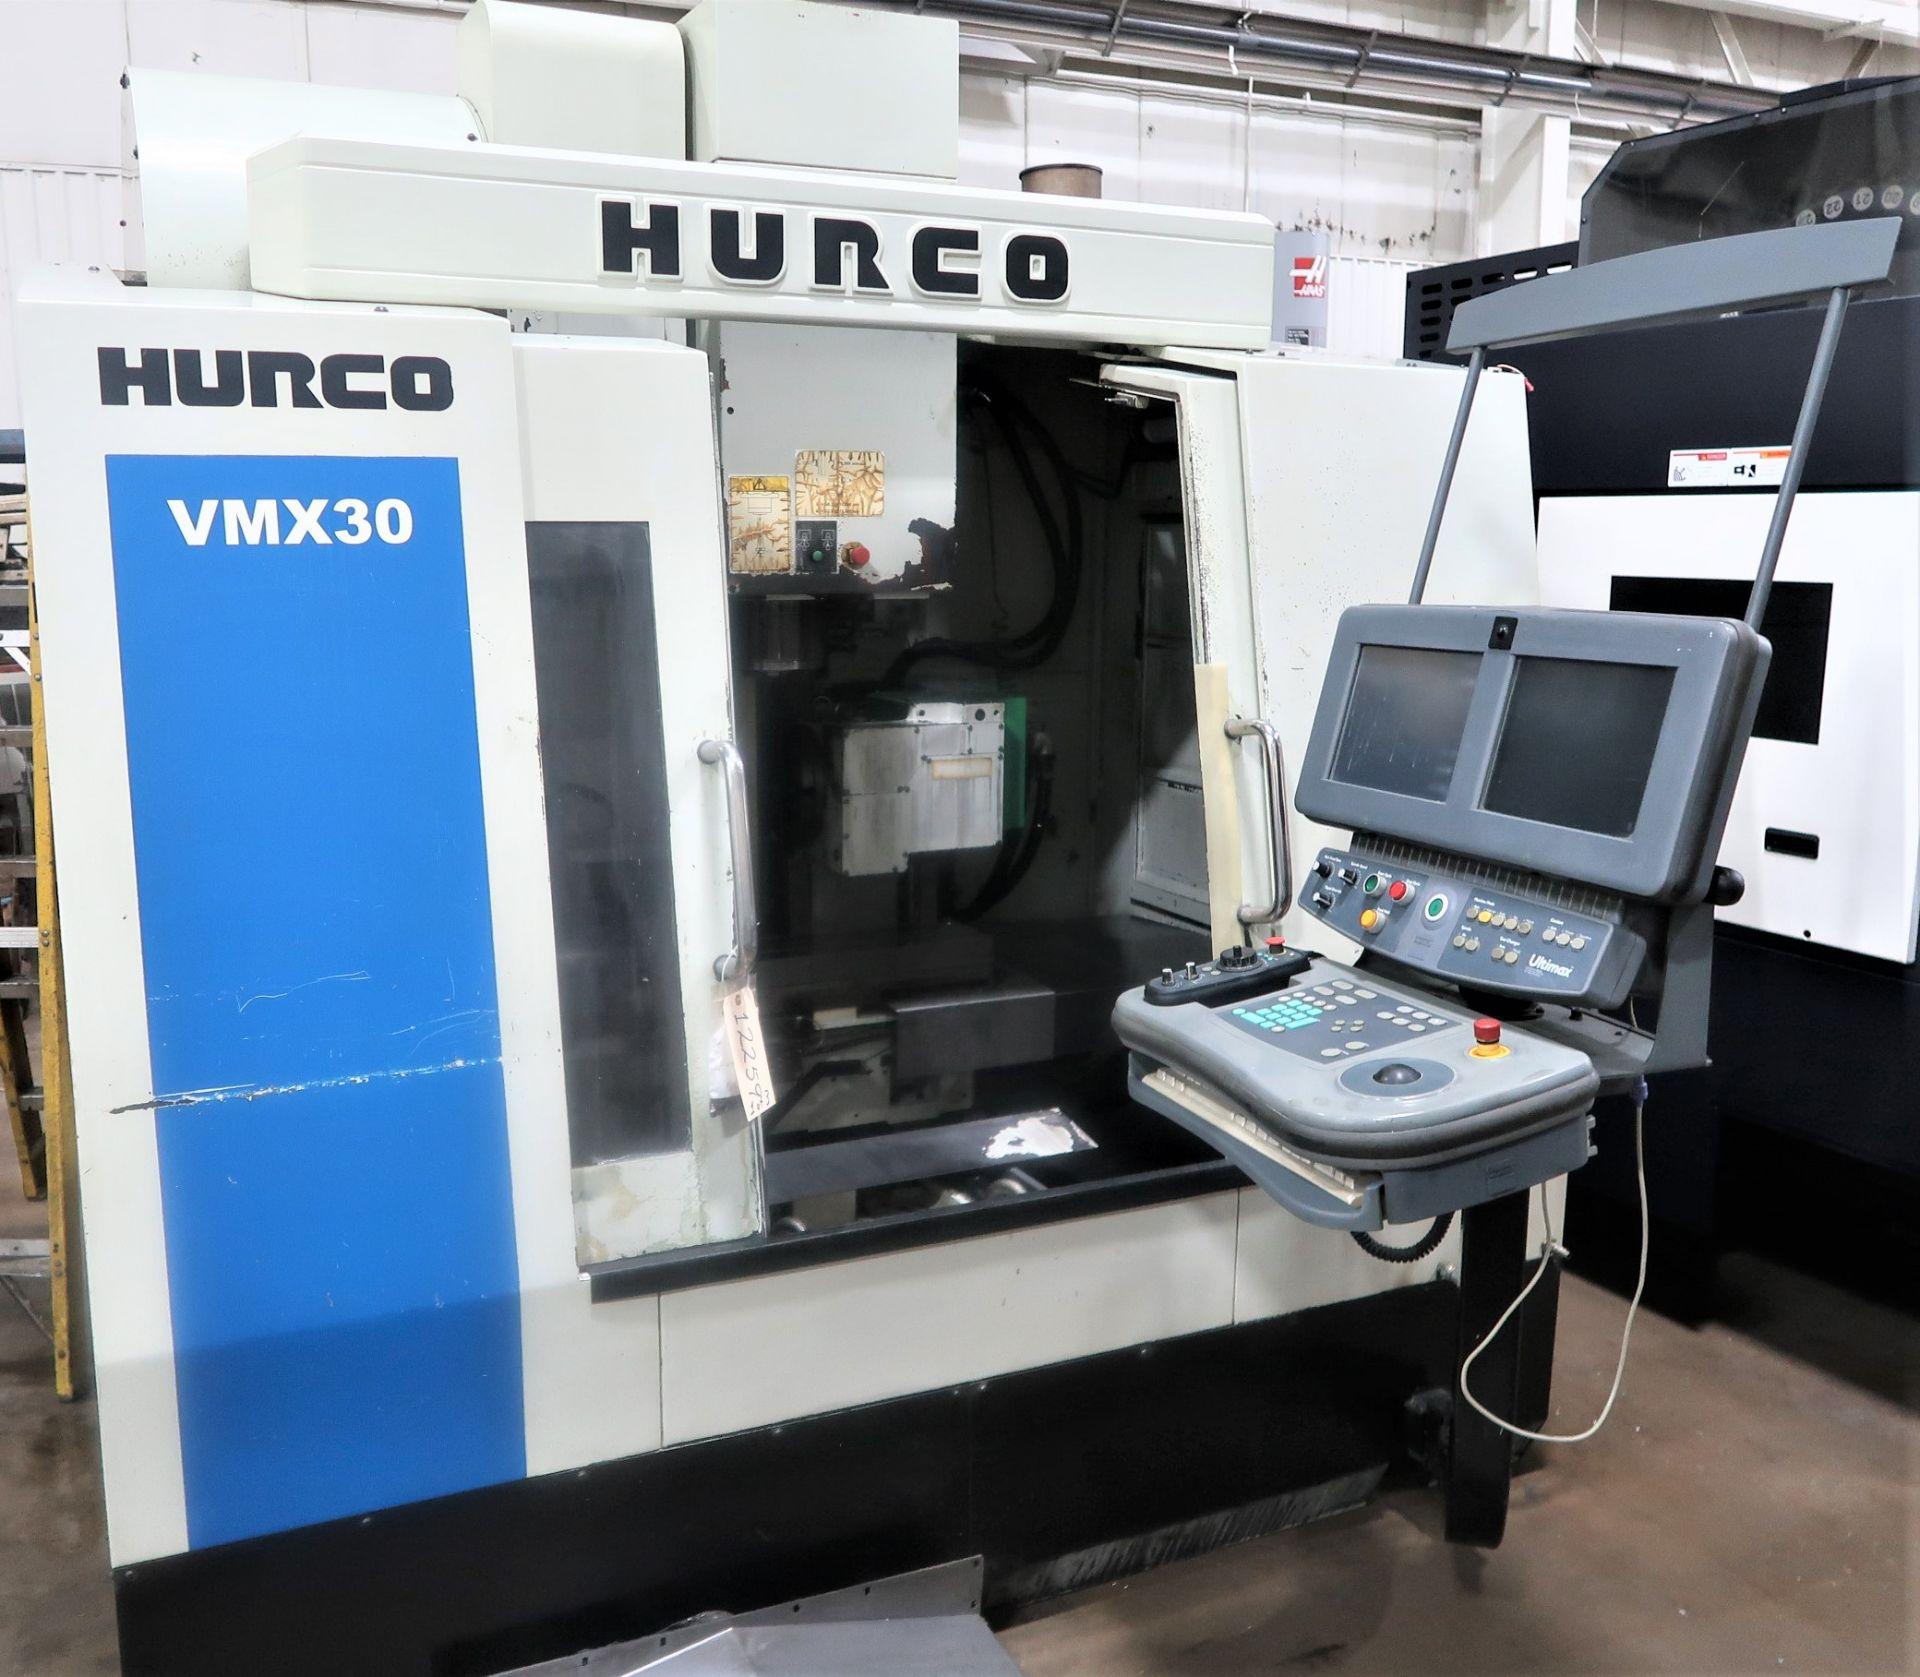 Lot 54 - Hurco VMX-30 4-Axis CNC Vertical Machining Center, S/N VMX-30, New 2005